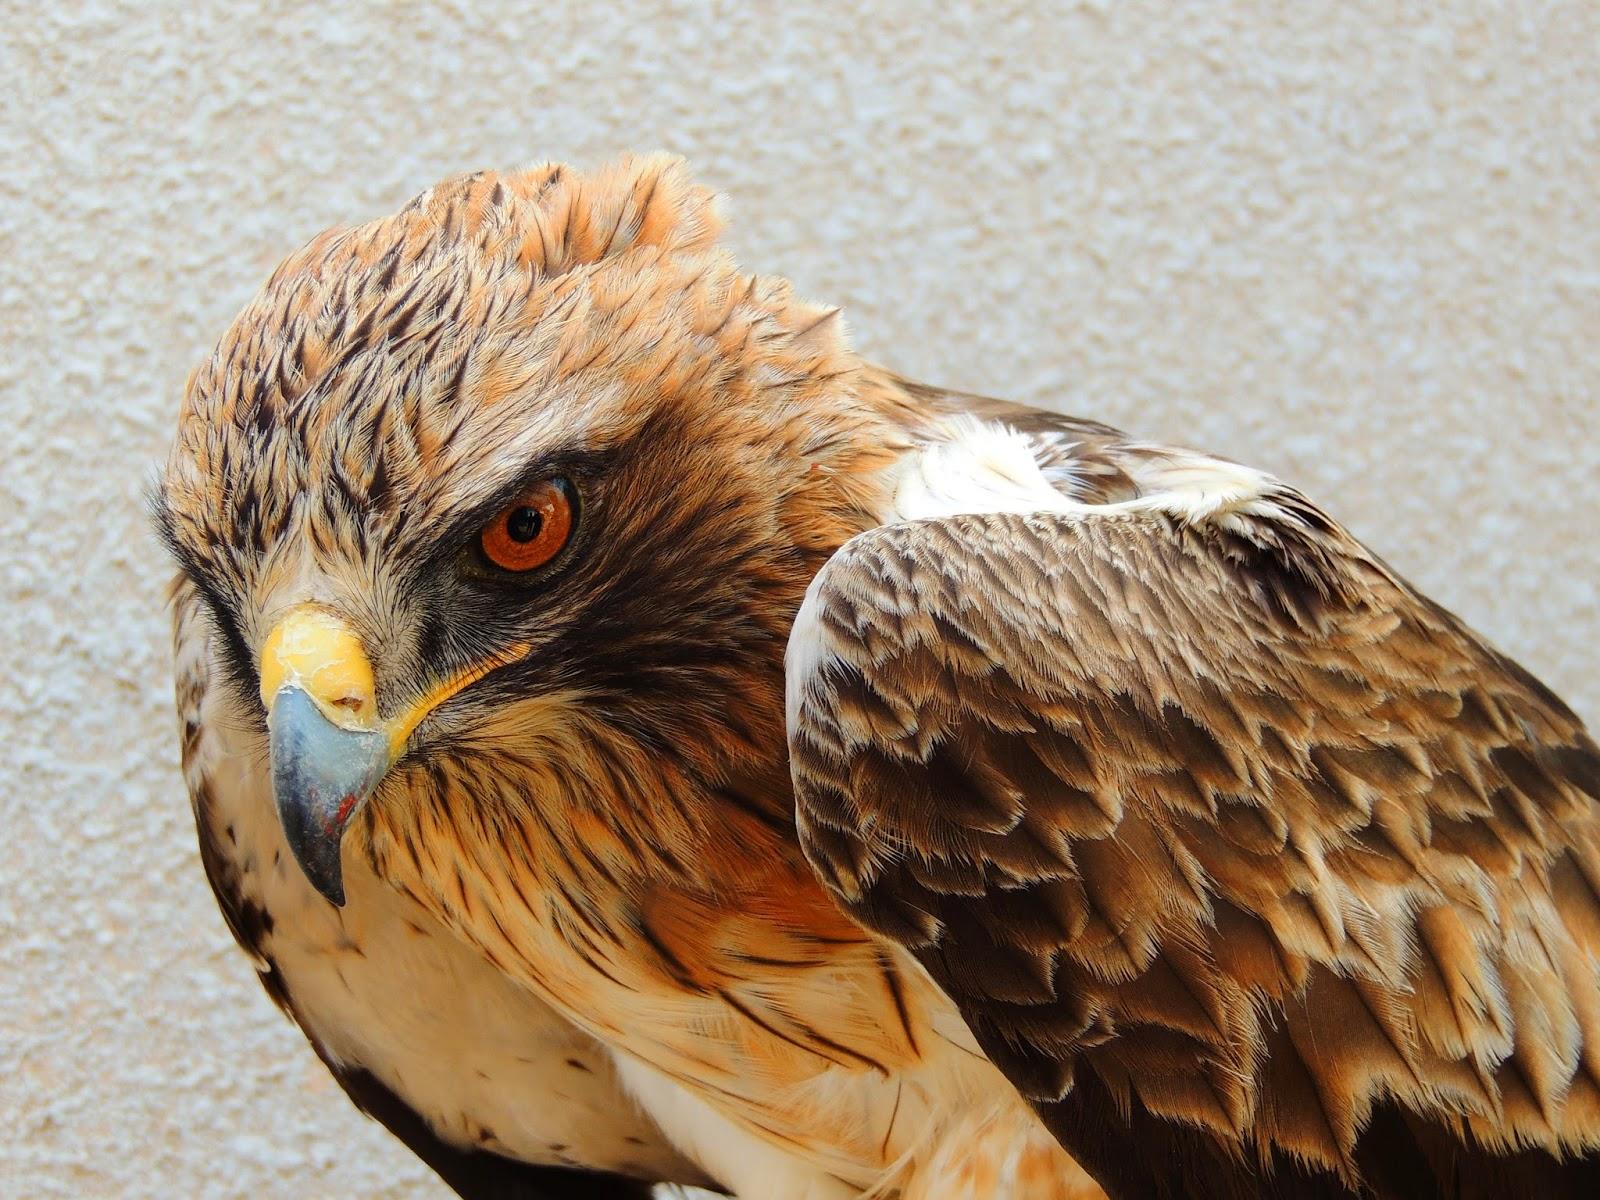 Kibbutz Lotan Birding Center: First Eagle in the net - a ...